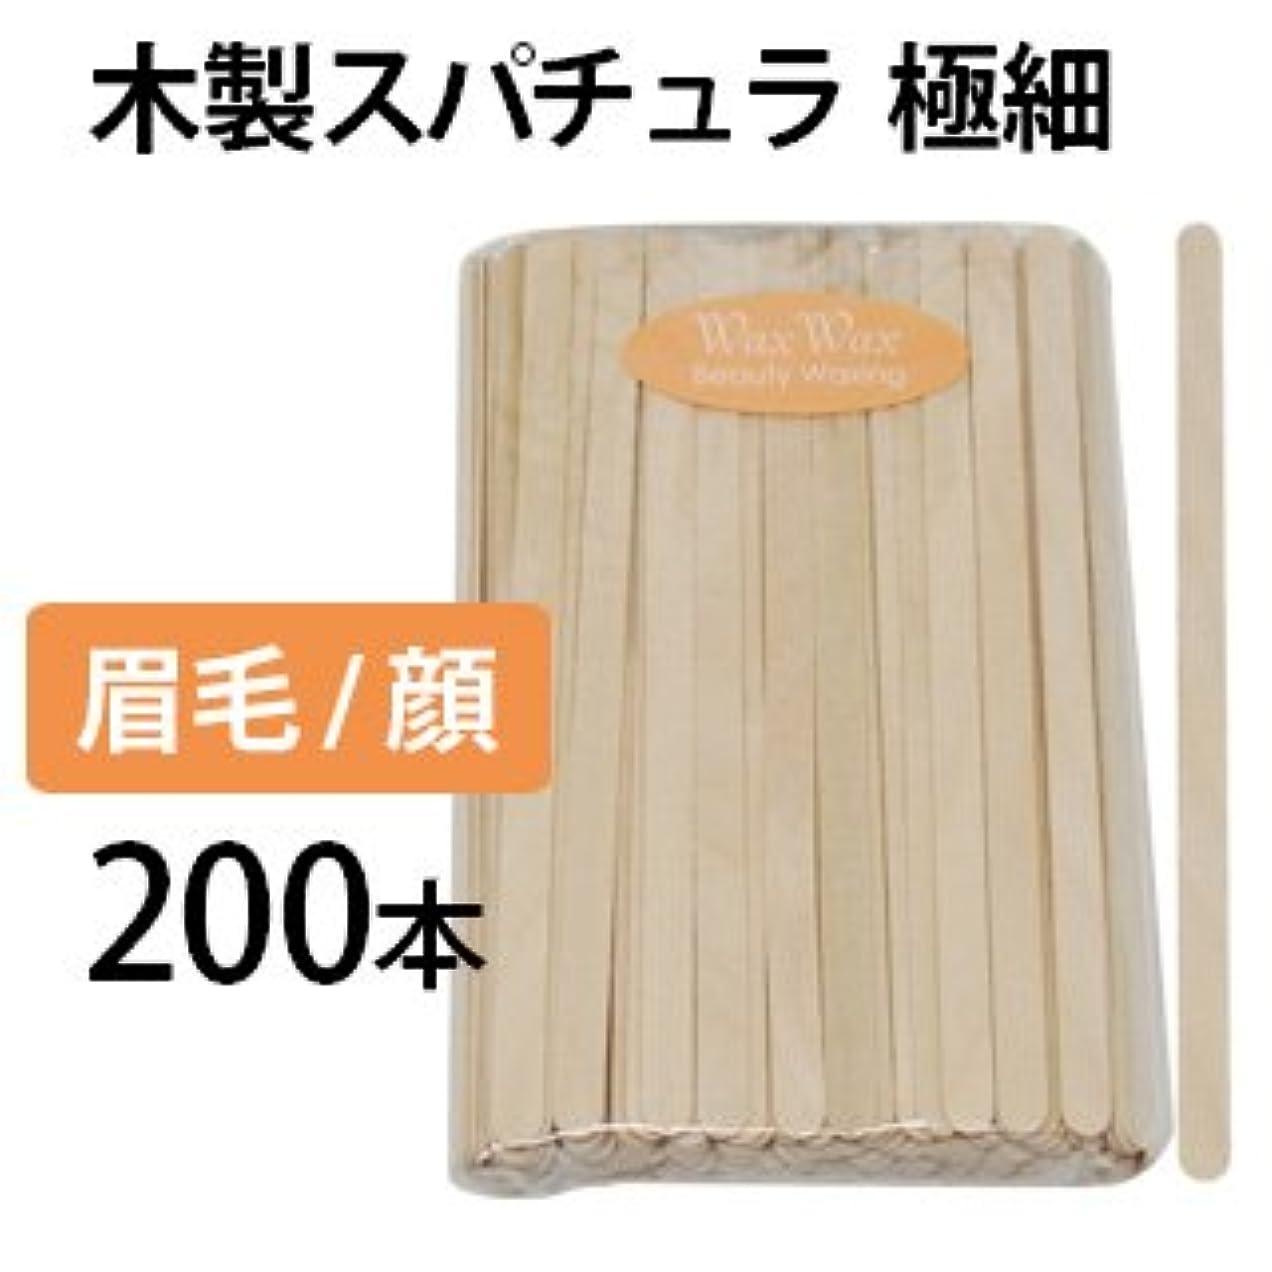 わずかな命令従順眉毛 アイブロウ用スパチュラ 200本セット 極細 木製スパチュラ 使い捨て